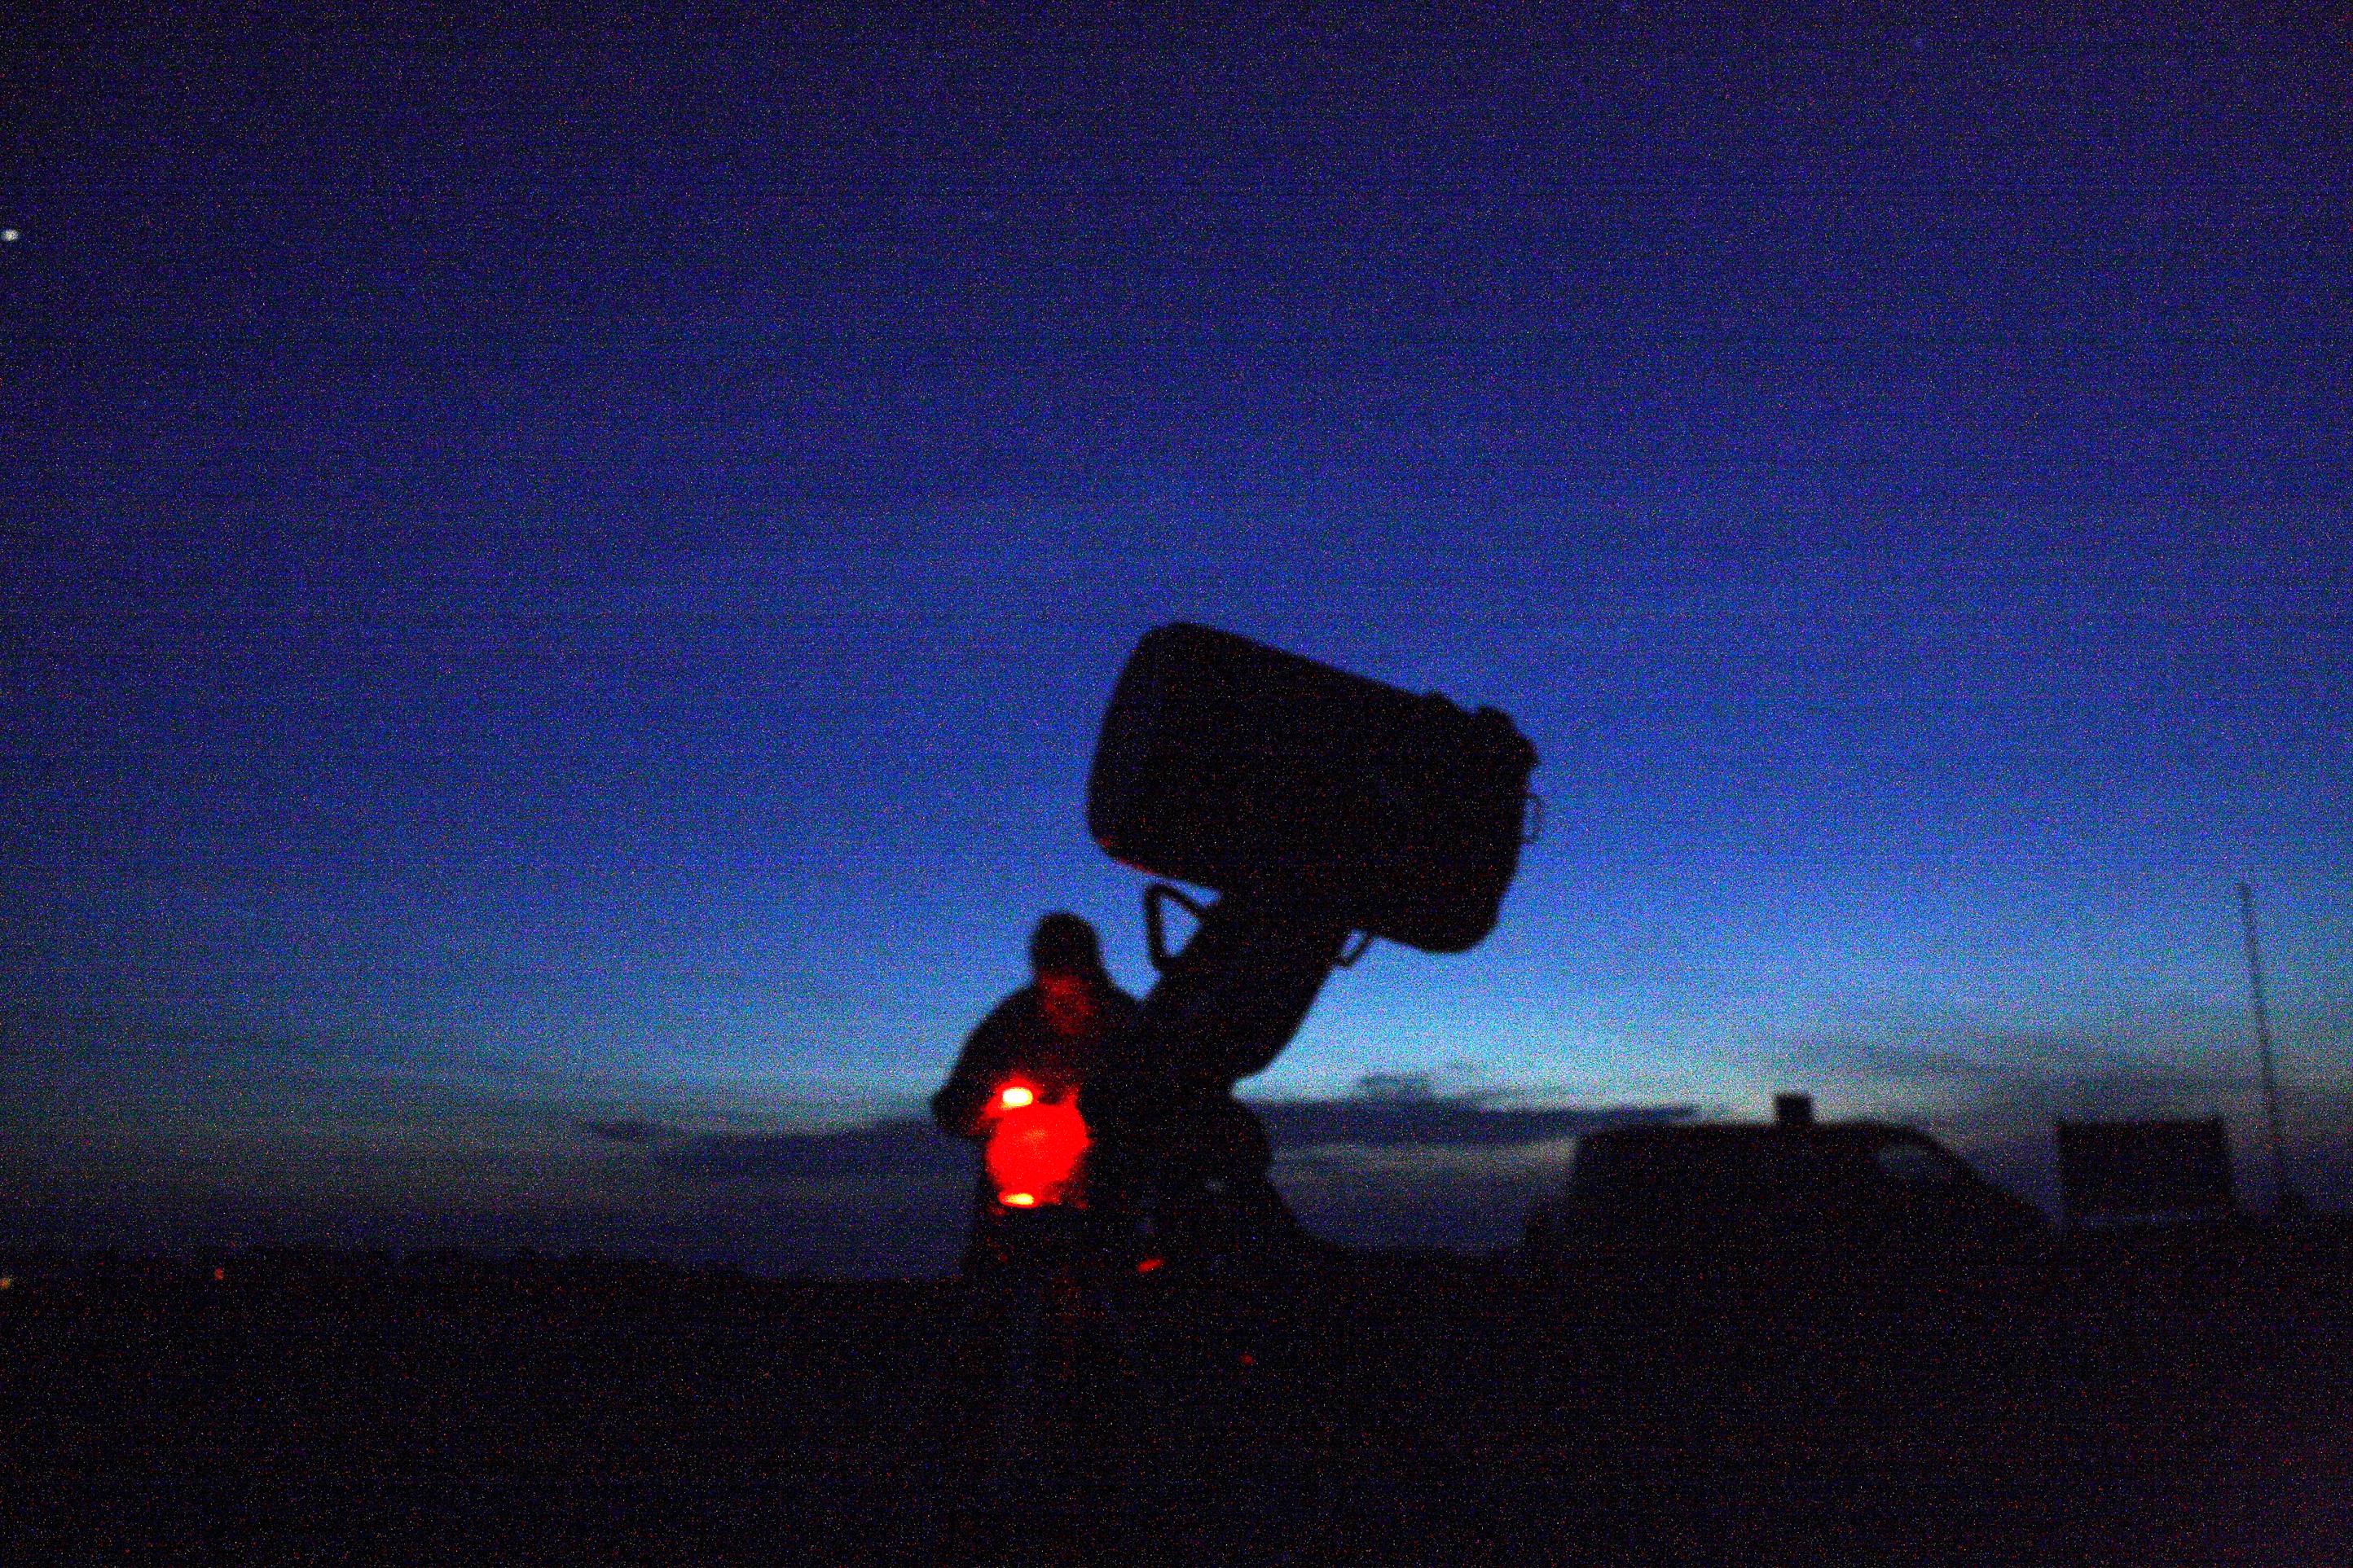 Sagittarius 11 - Eketorps parkeringsplats. 14-tums teleskop, deltagare från Lund